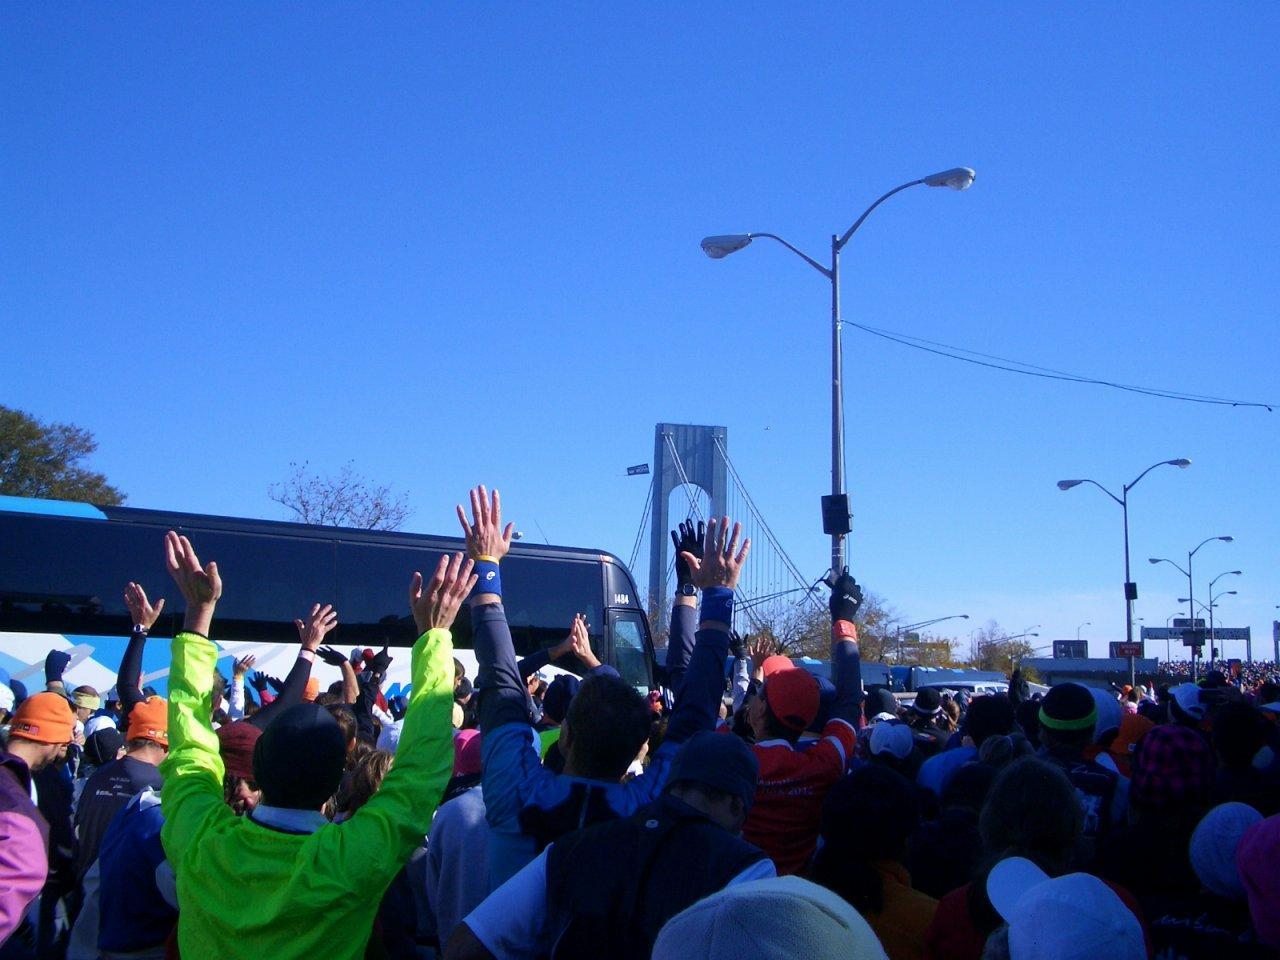 画像: 『催行保証!往復直行便 第50回記念ニューヨークシティマラソンツアー 10月31日出発Bプラン7日間』ゴール徒歩圏内ニューヨークヒルトン宿泊確約!大会登録早得|クラブツーリズム